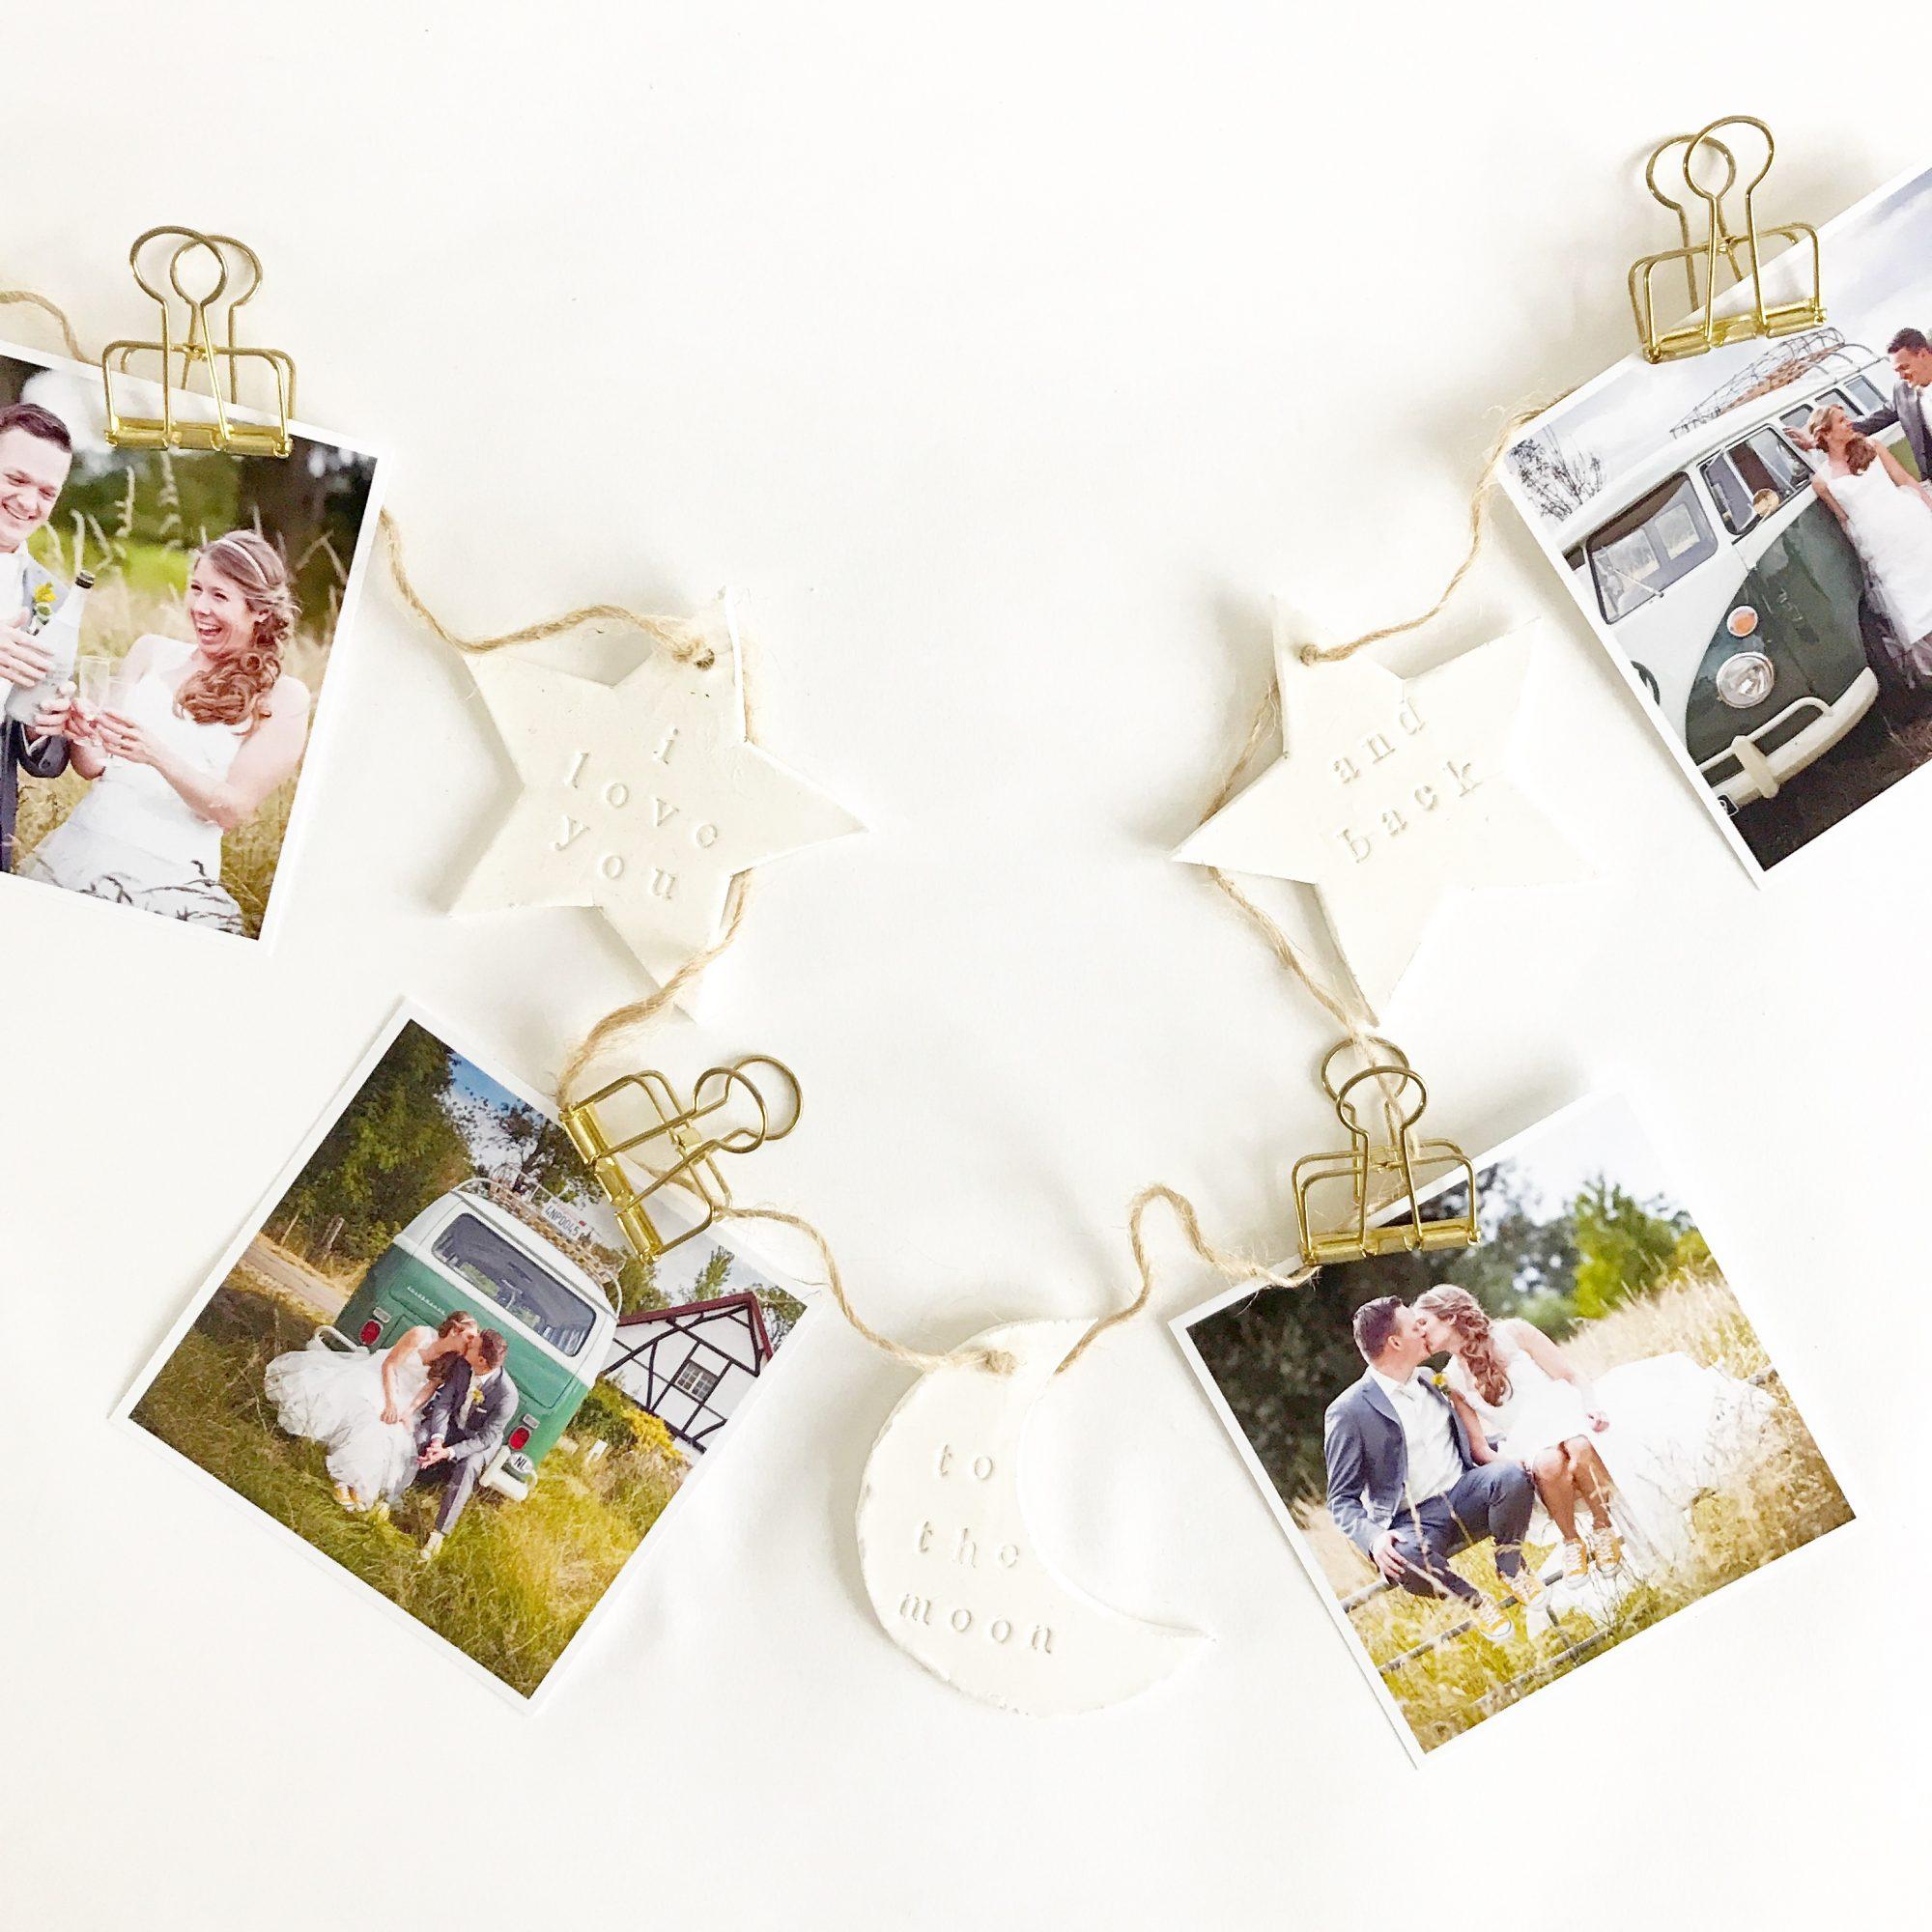 Bruiloft DIY fotoslinger met kleihangers - IMAKIN